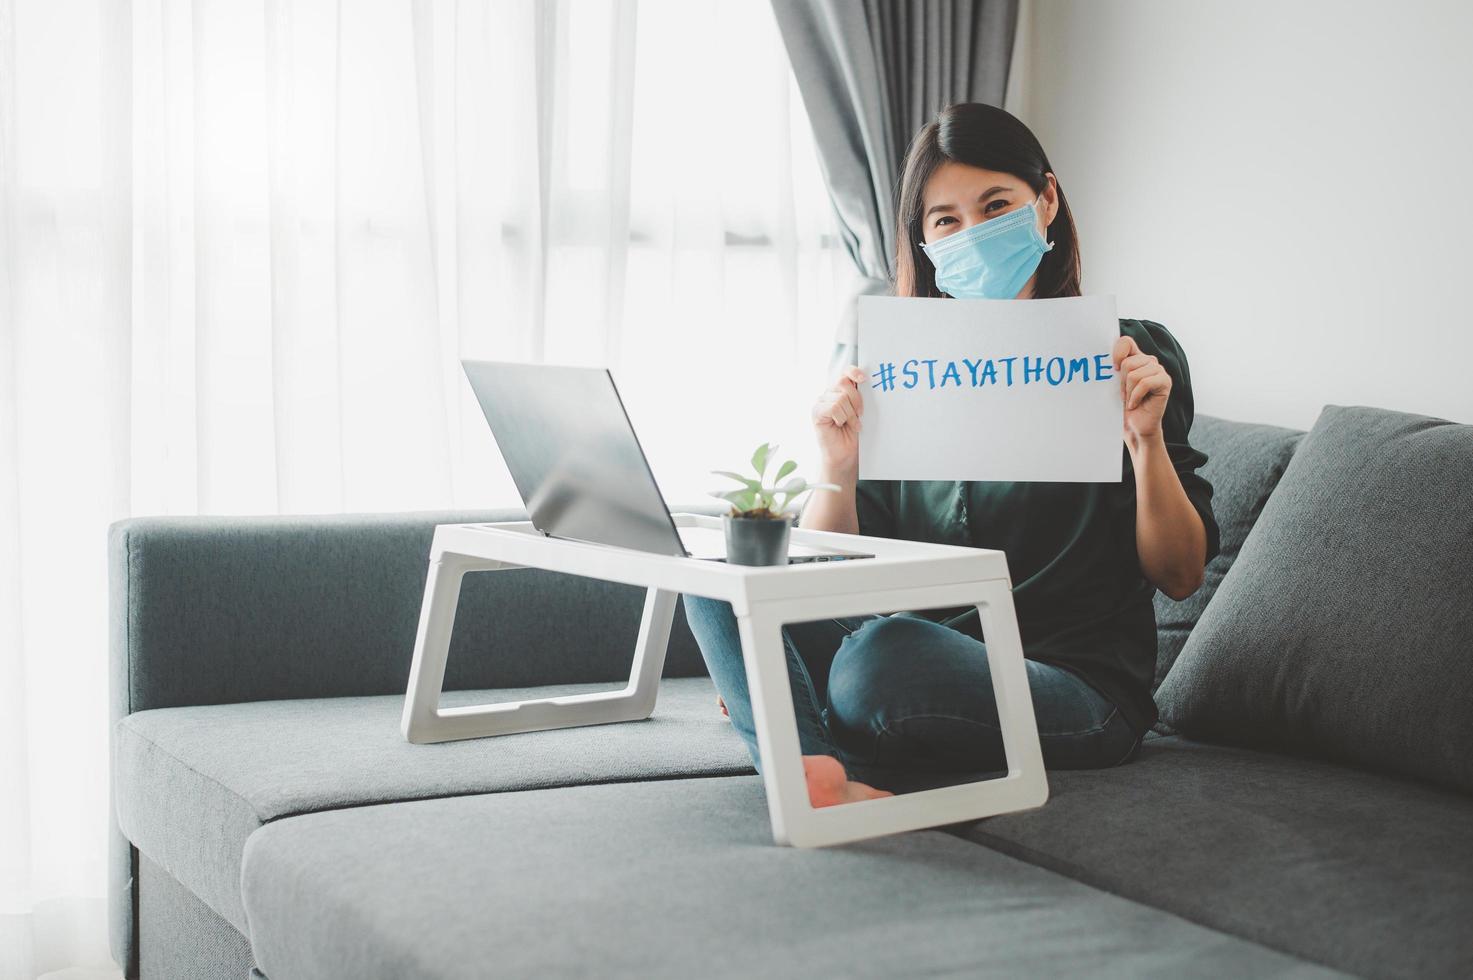 mujer con mascarilla trabajando en casa foto